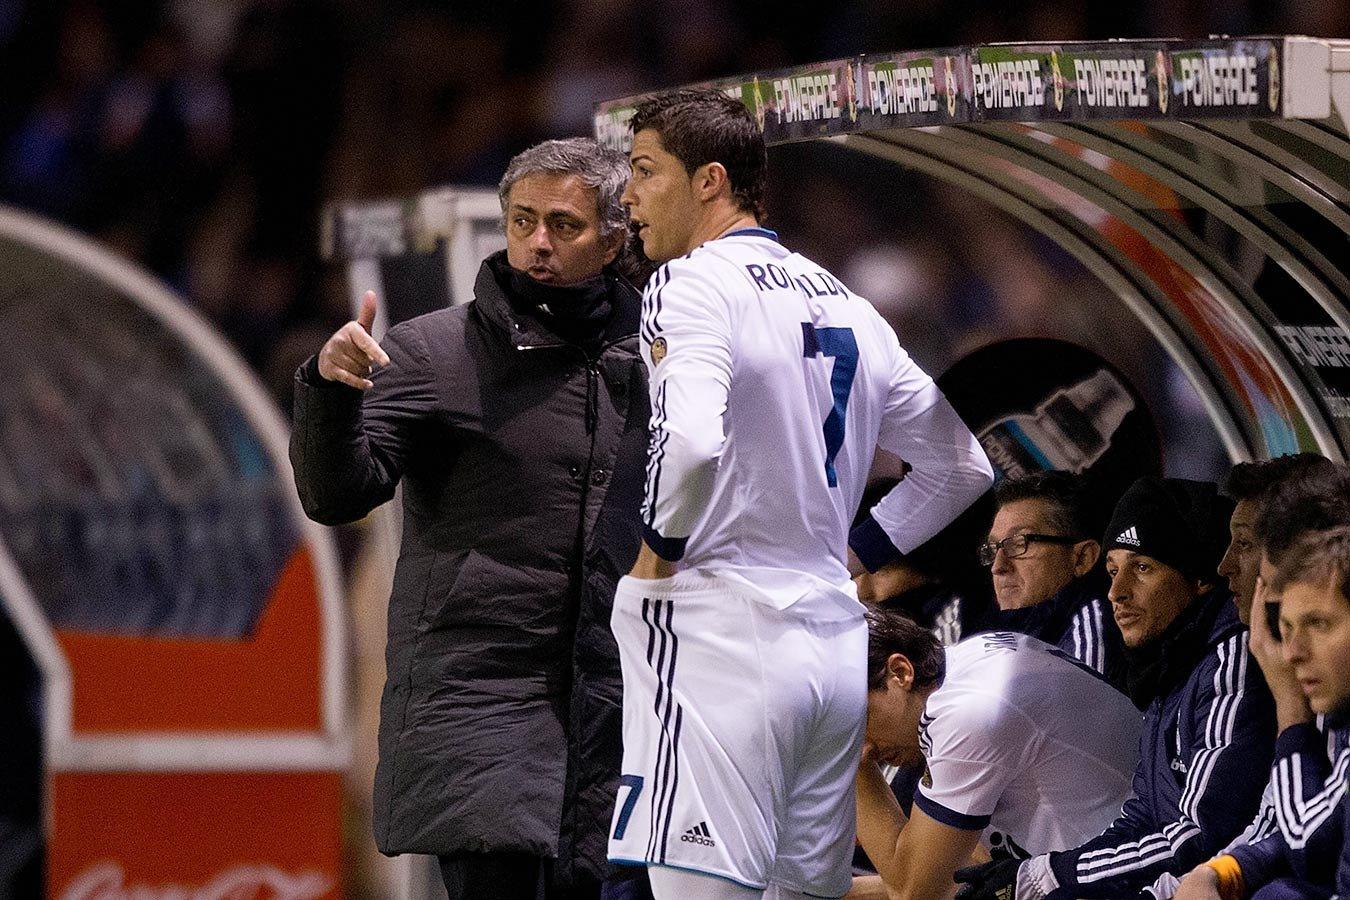 Президент «Реала» оскорблял Роналду и Моуринью в 2012-м. Слиты новые записи